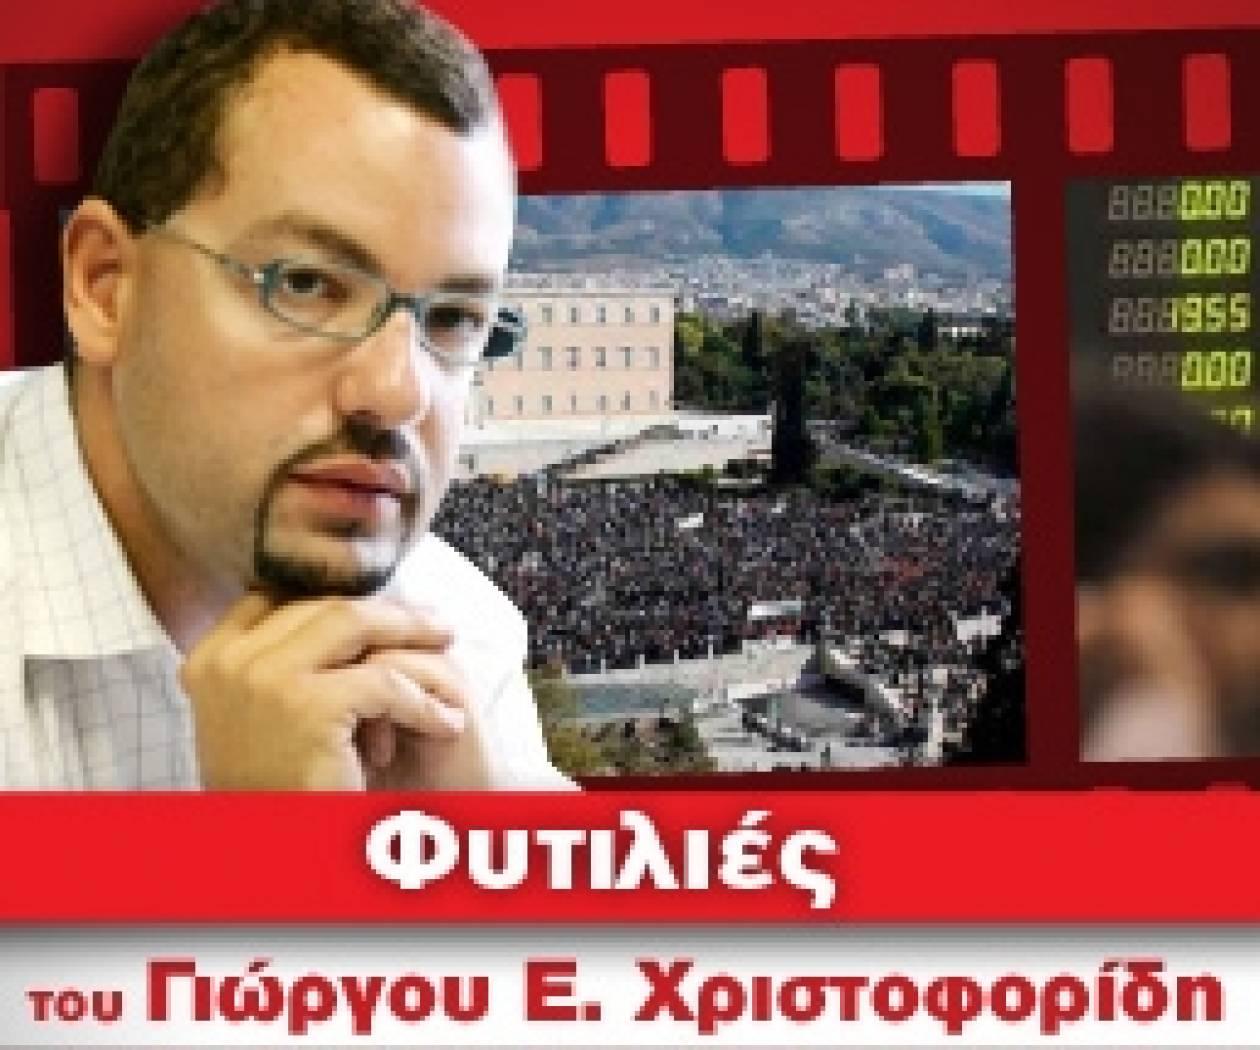 Μέρος Γ: Τα μηνύματα προς τον Αντώνη Σαμαρά